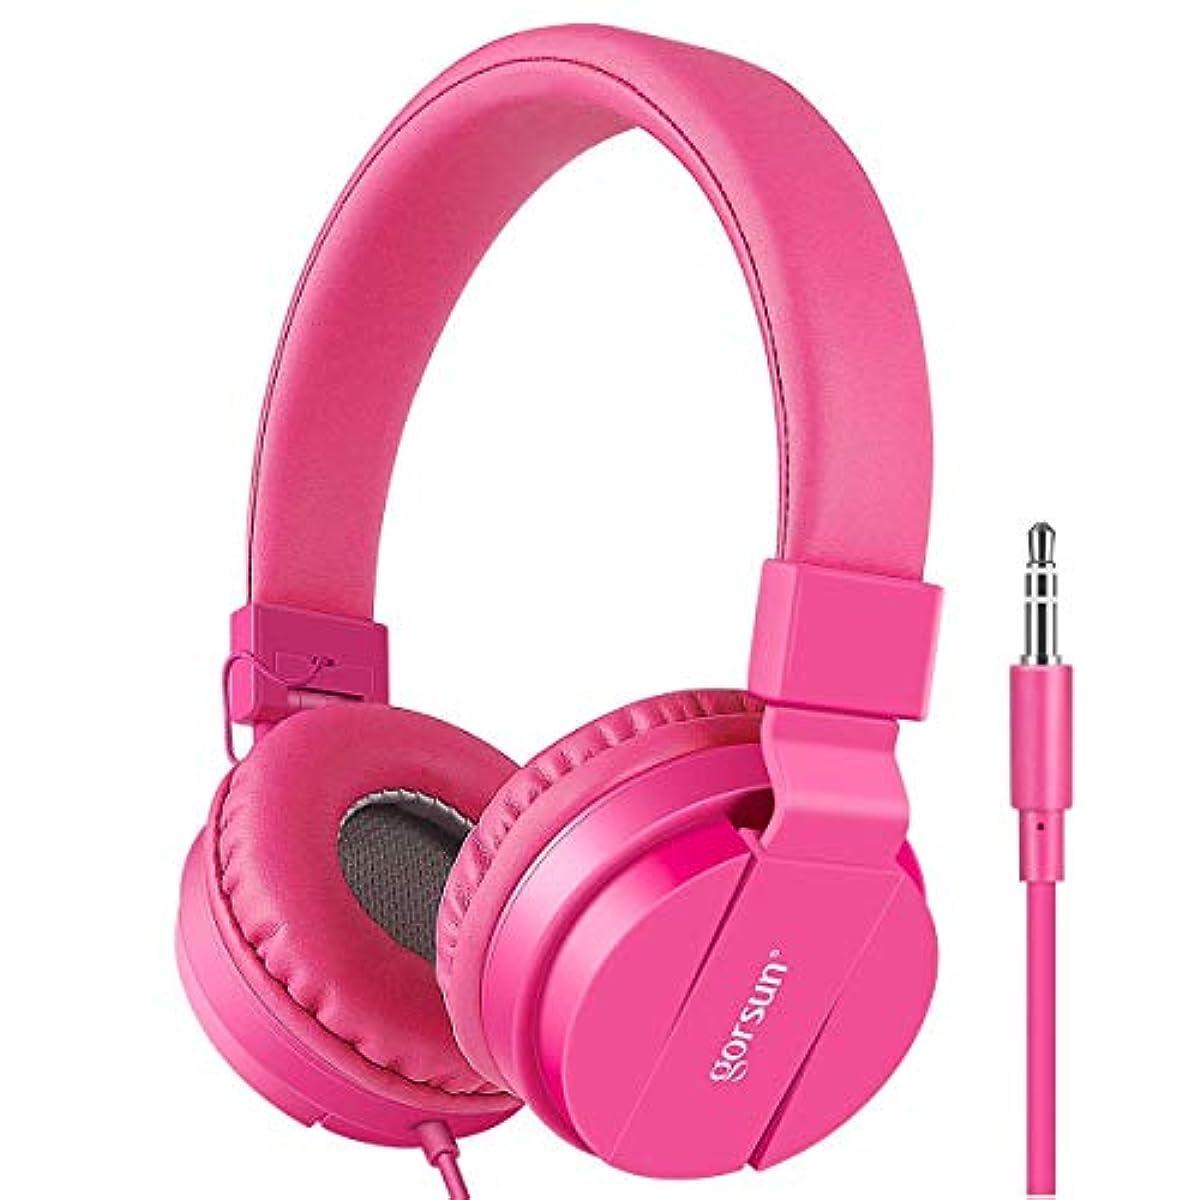 [해외] KEMIER GORSUN 어린이용 헤드폰 접이식 키즈용 헤드폰 (어린)아이용 이어여운 밀폐형 유선 헤드셋 헤드폰 사이즈 조절 가능 휴대폰 스마트 폰 IPHONE 노트 PC MP3/4 3.5MM 이어폰 자쿠(Zaku) (핑크)